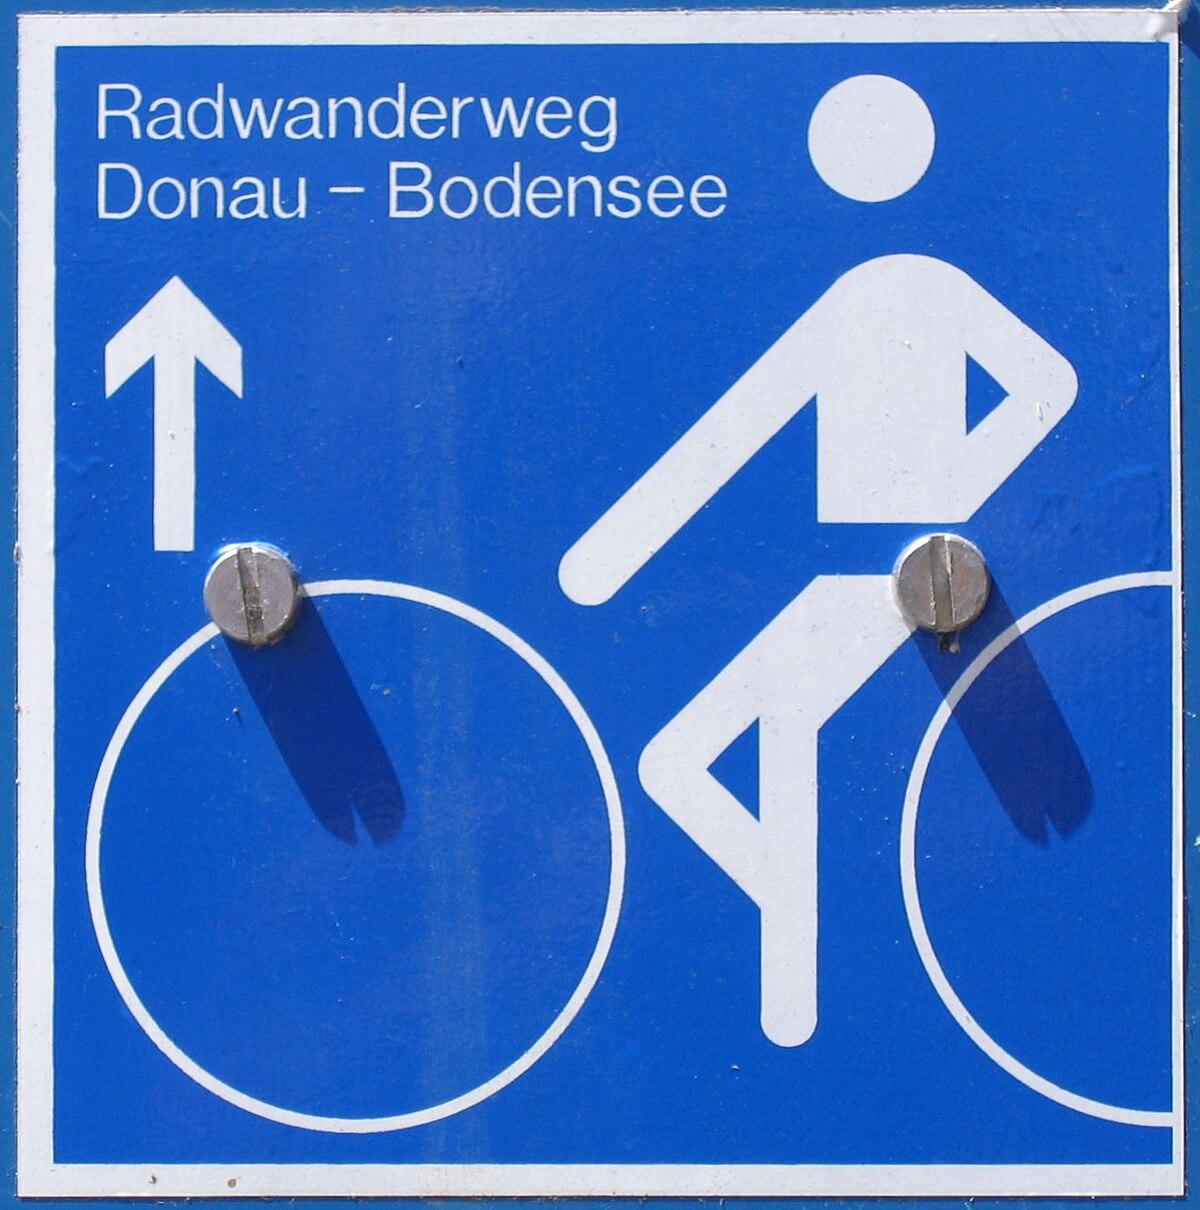 Radwanderweg Donau Bodensee Wikipedia